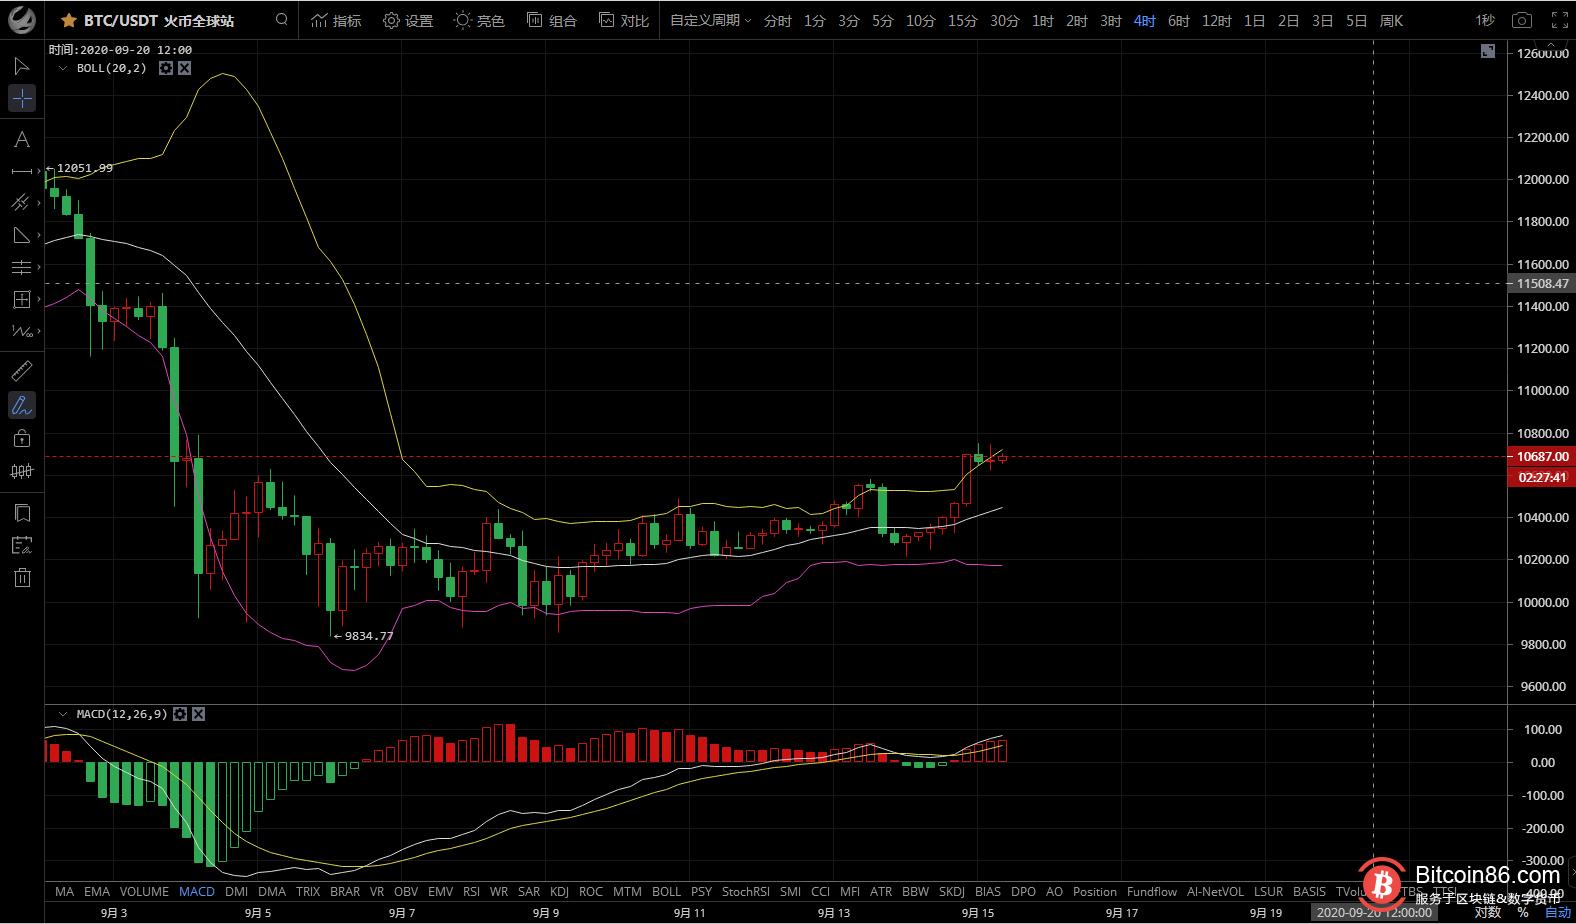 《【比特币市场分析】9.15(周二)比特币行情分析及操作建议》